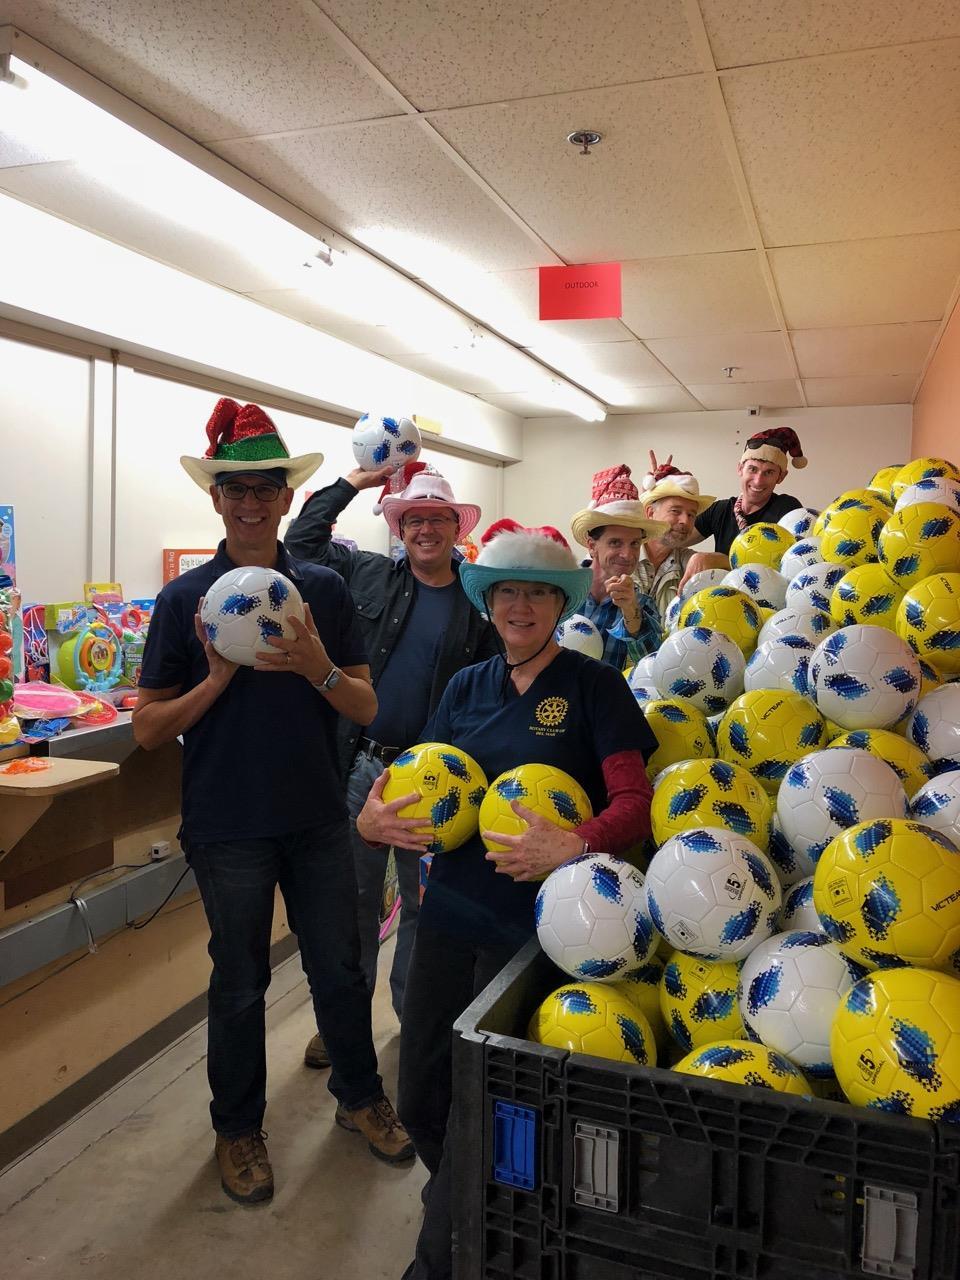 1a0b80f2576 Lots of soccer balls got pumped up